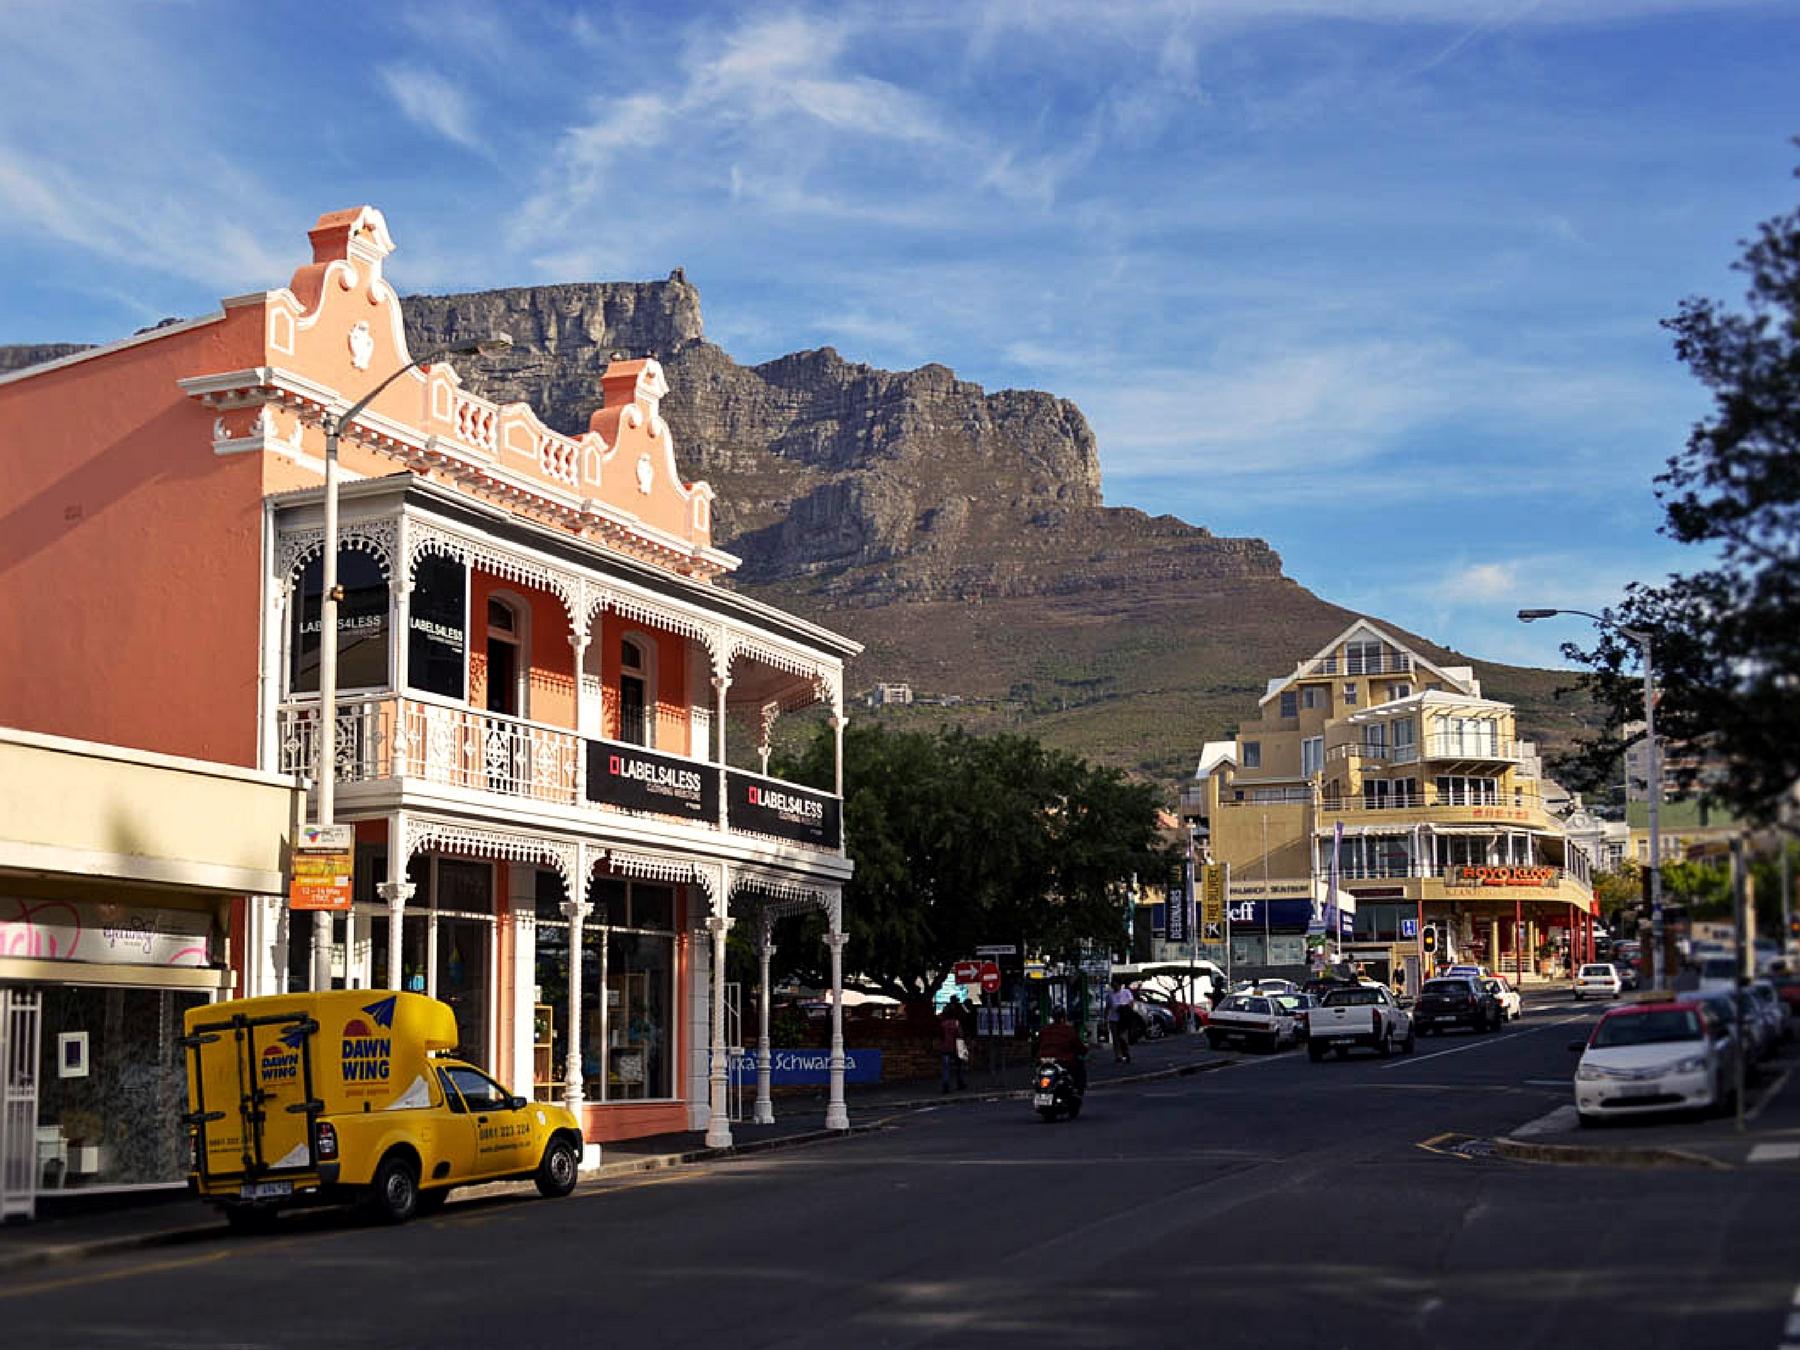 melhores-locais-para-se-hospedar-na-cidade-do-cabo-gardens-1 Melhores locais para se hospedar na Cidade do Cabo